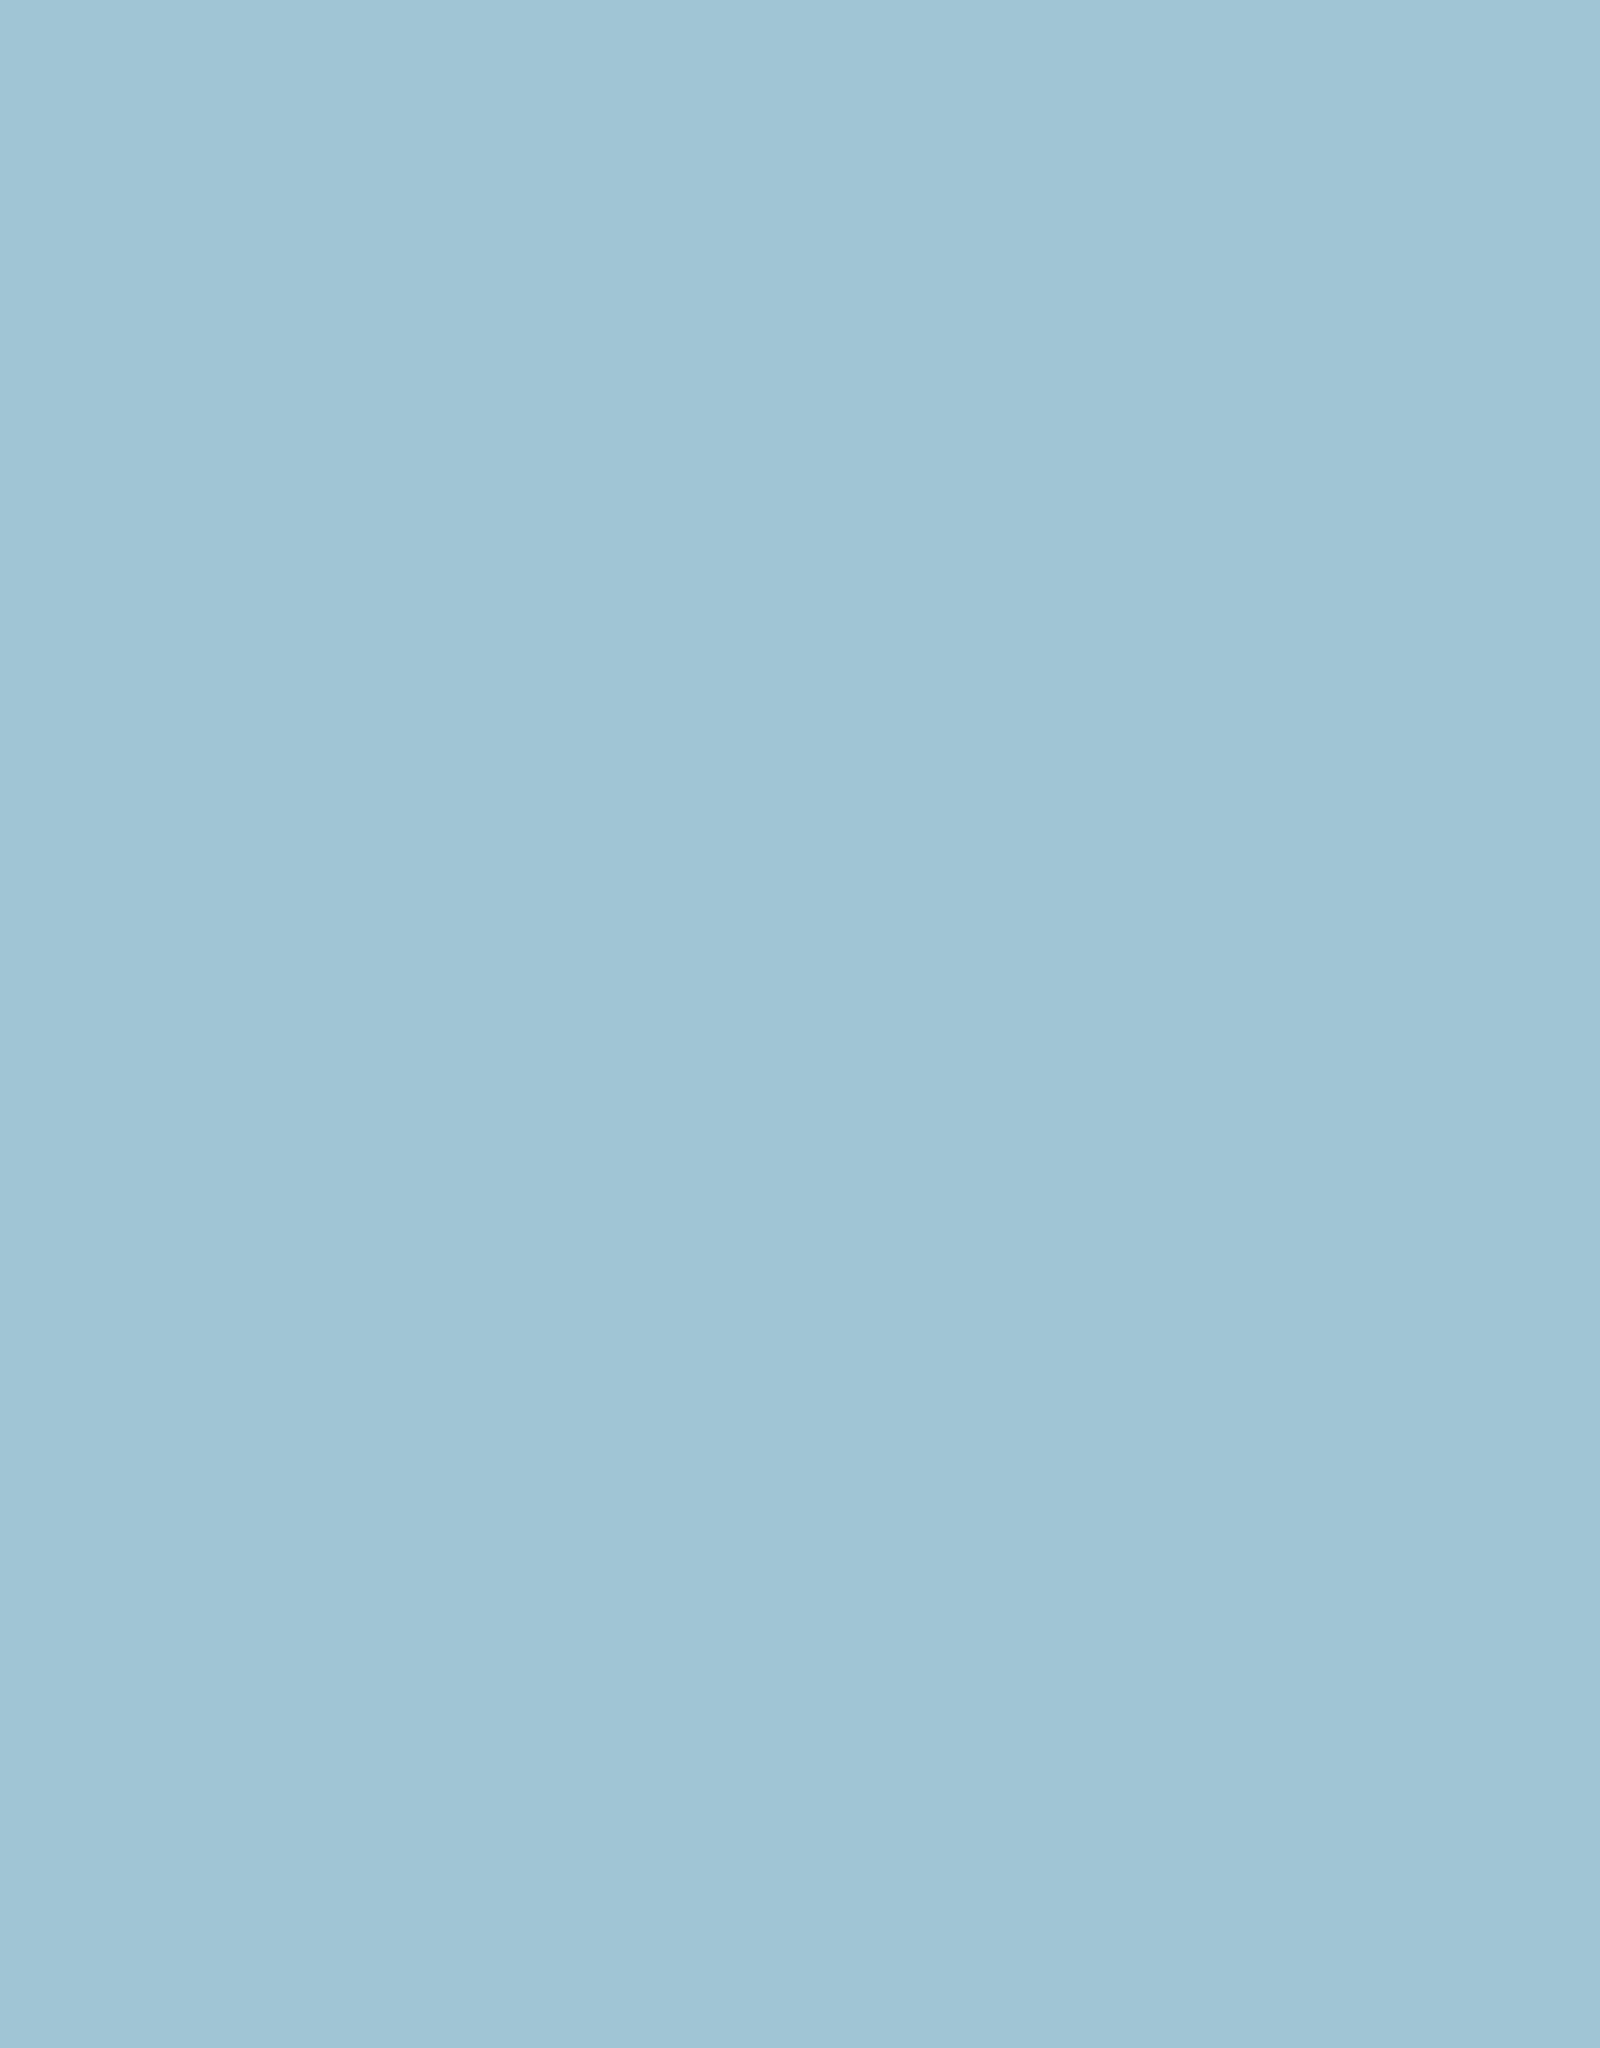 Superior Seamless Superior Seamless 4' Sky Blue #02